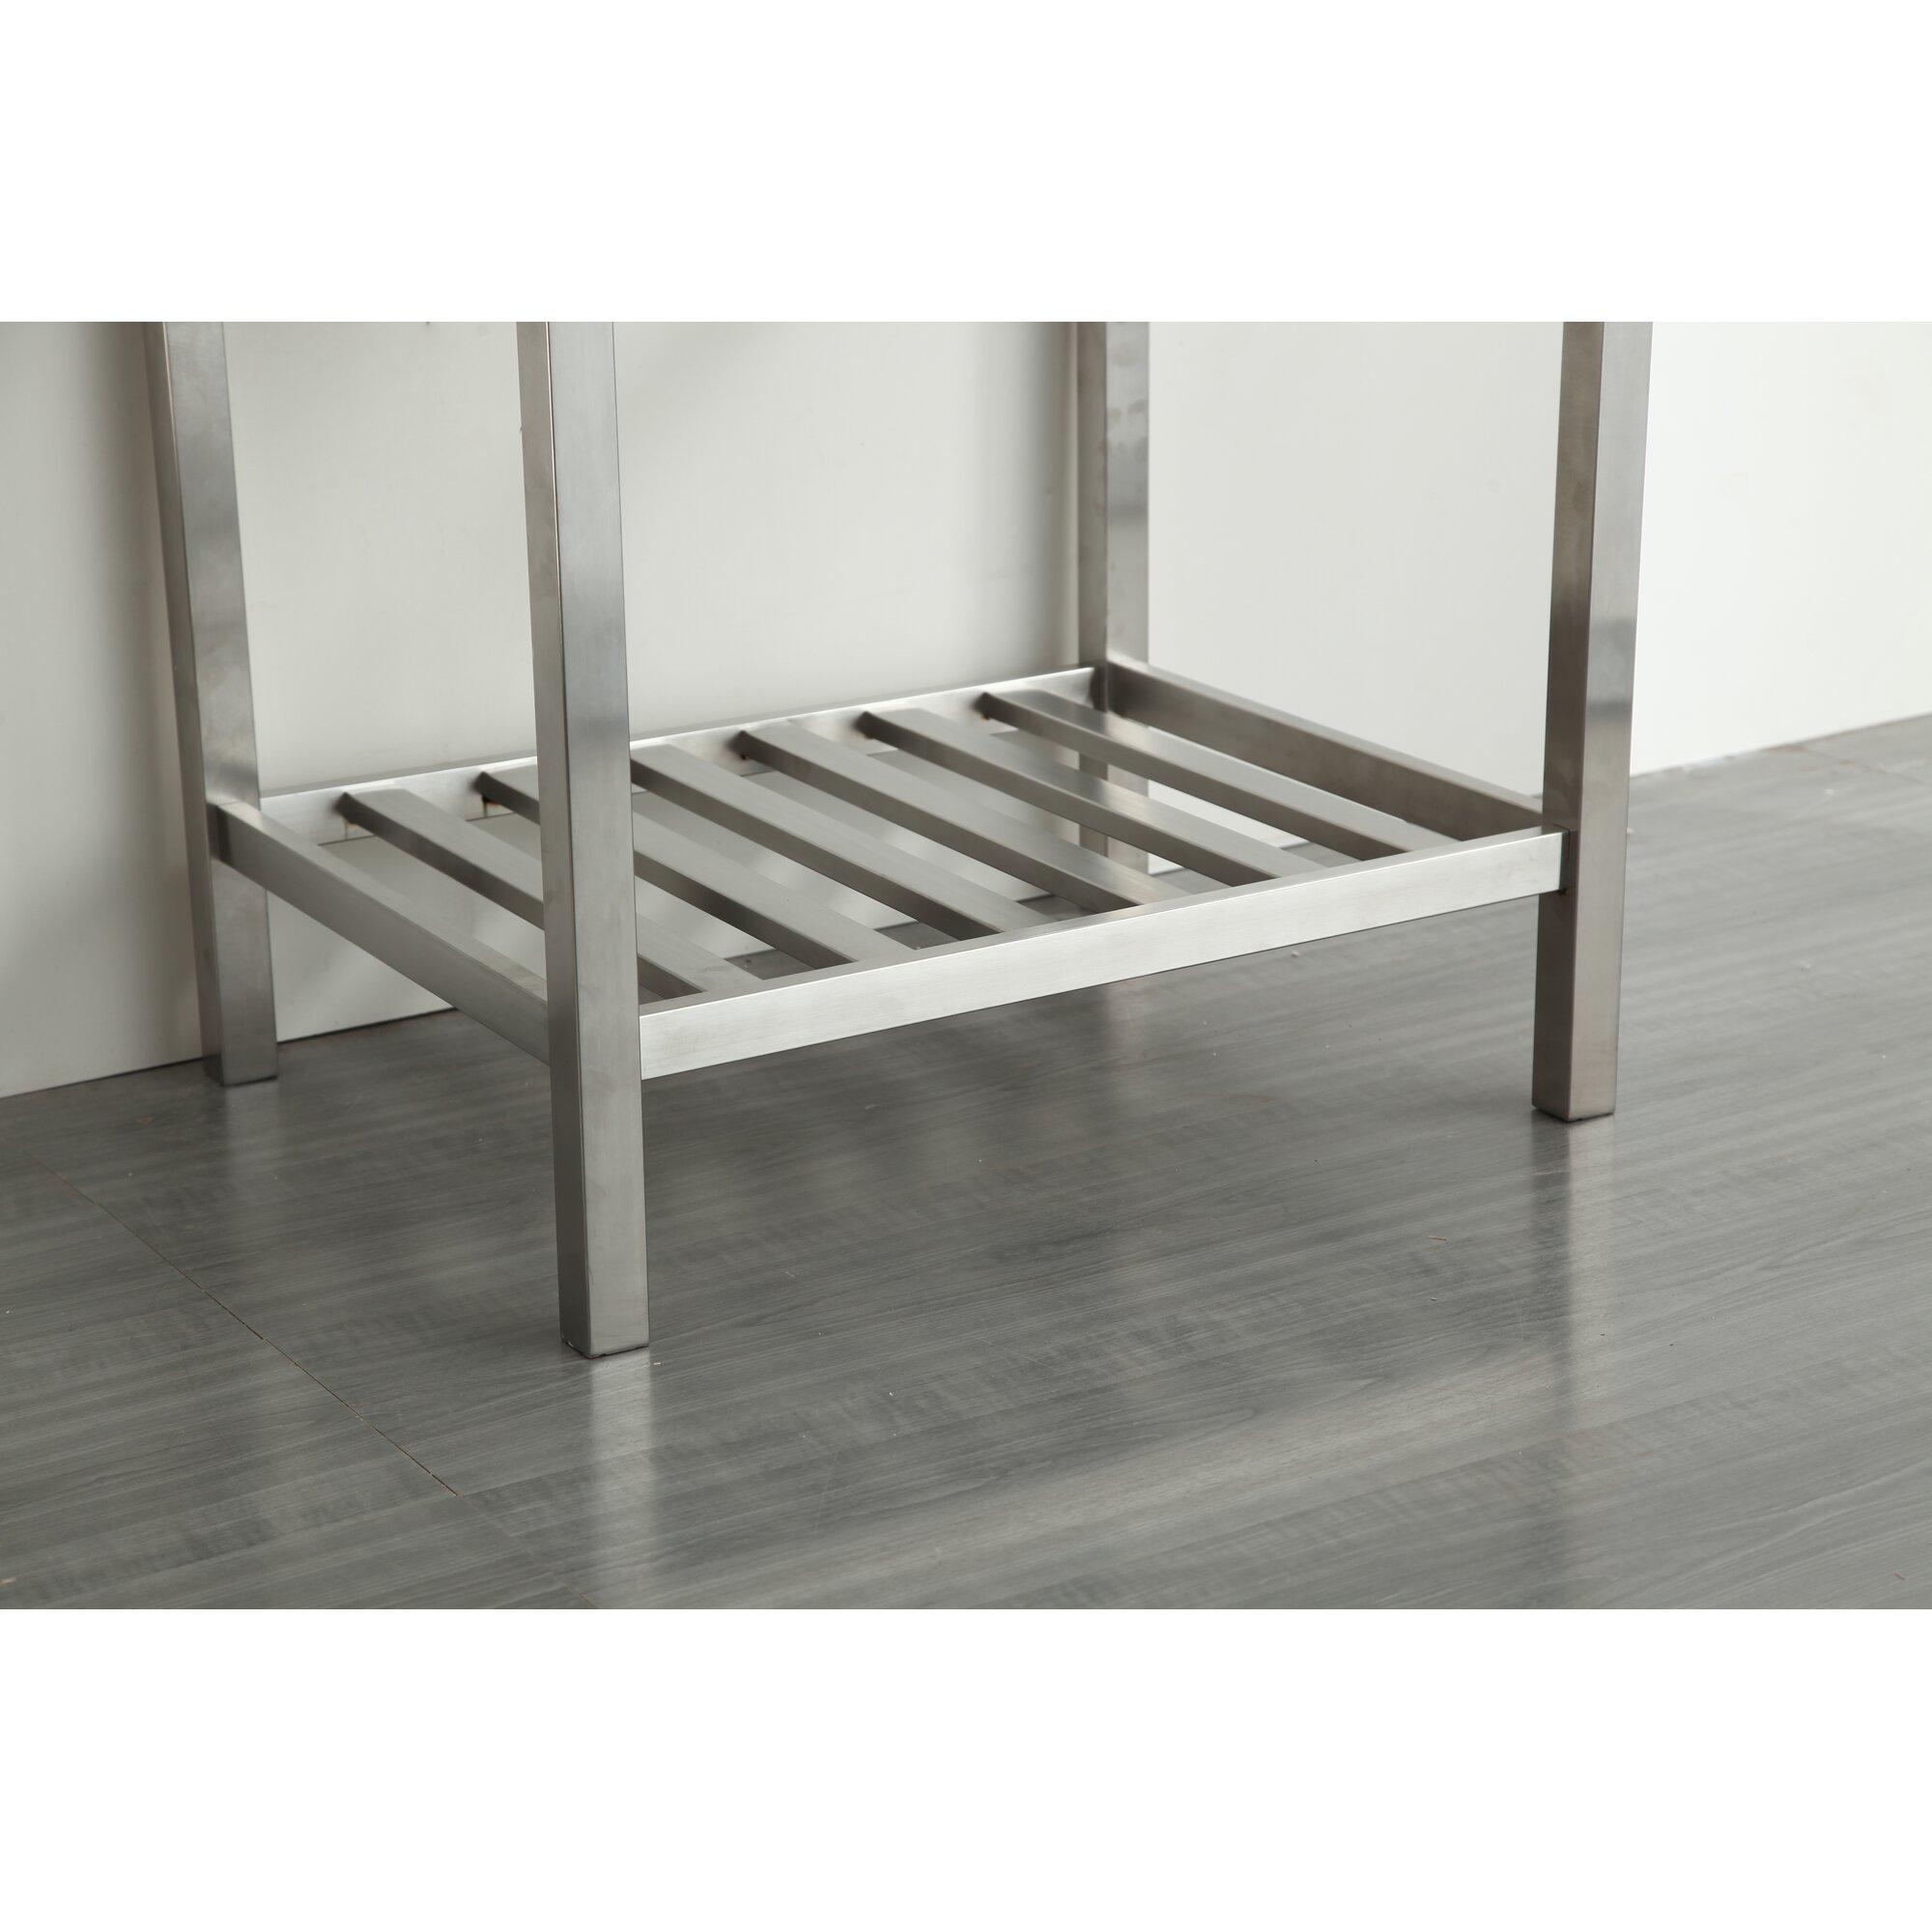 Metal Vanity SetMetal Vanity Set   Instavanity us. White Metal Vanity Set. Home Design Ideas